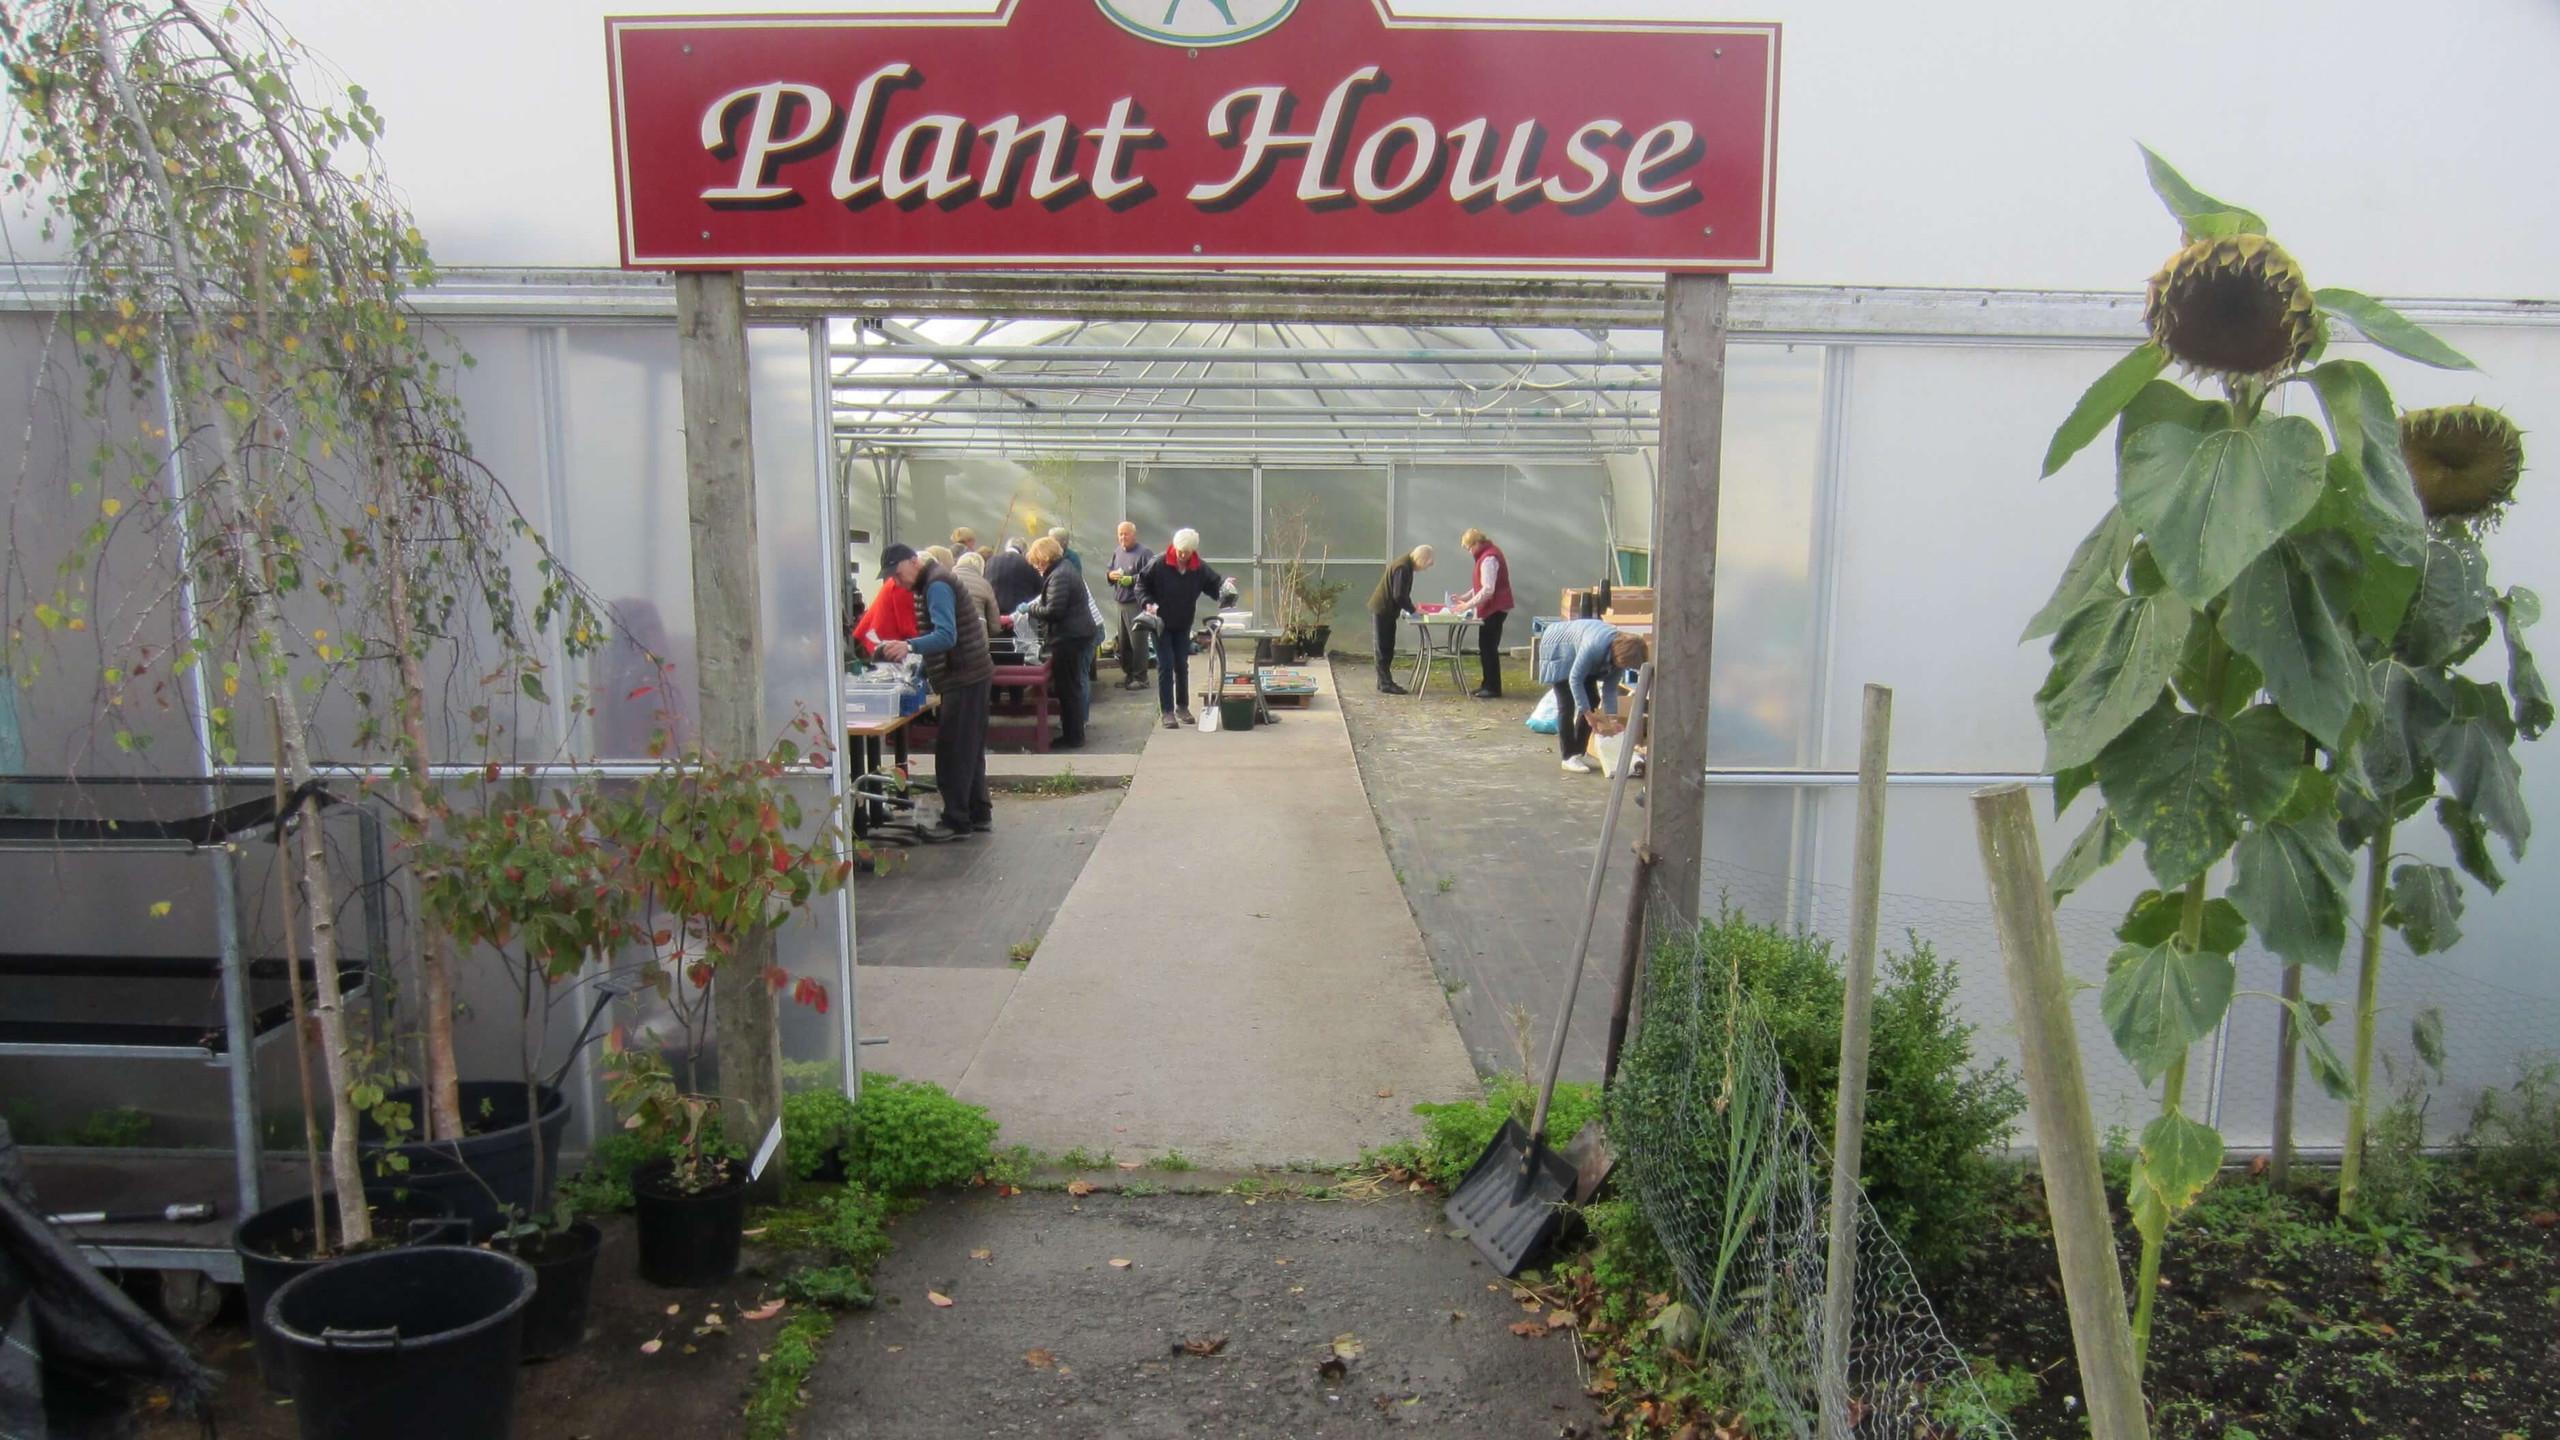 Ardardan Plant House